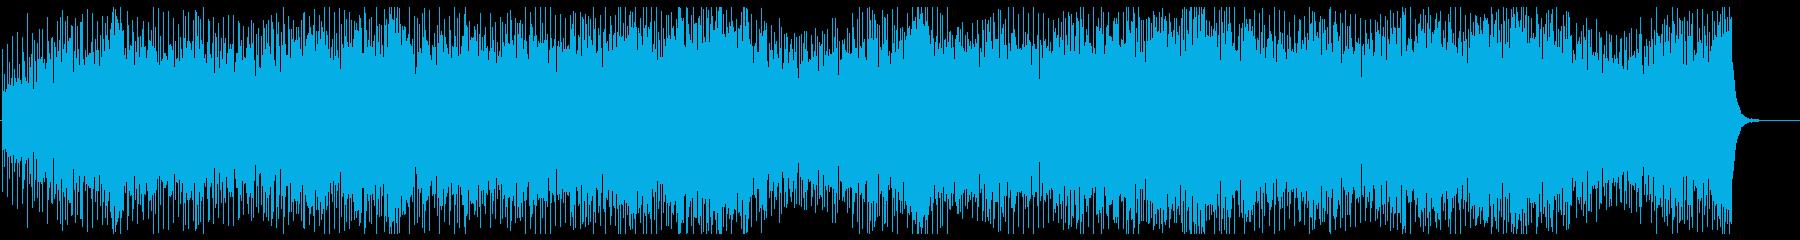 アップテンポのキラキラシンセサイザーの曲の再生済みの波形